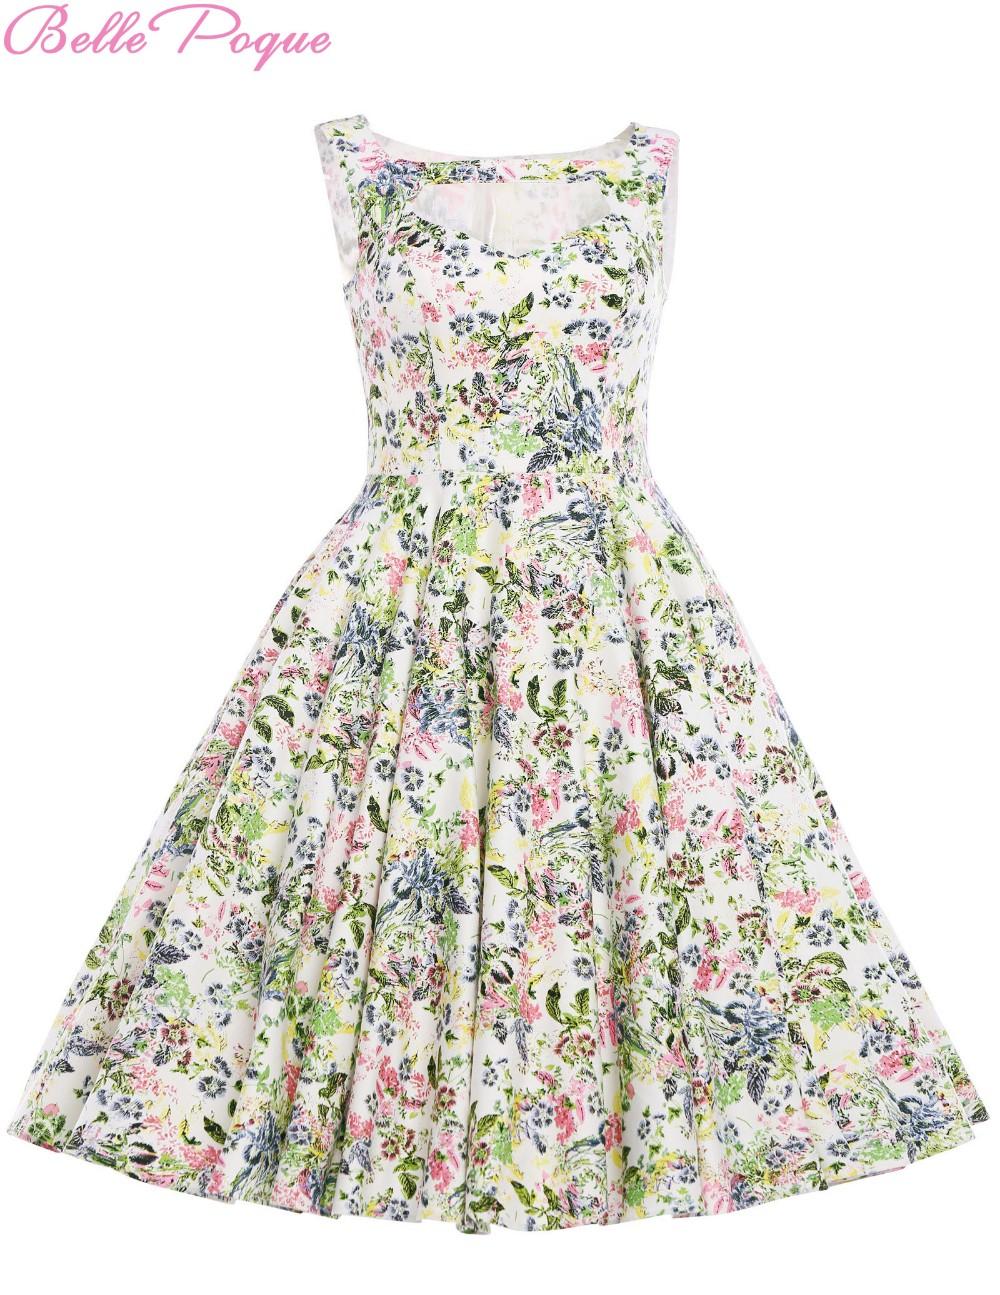 Belle Poque Wholesale 50s dresses Vintage Style Womens ...